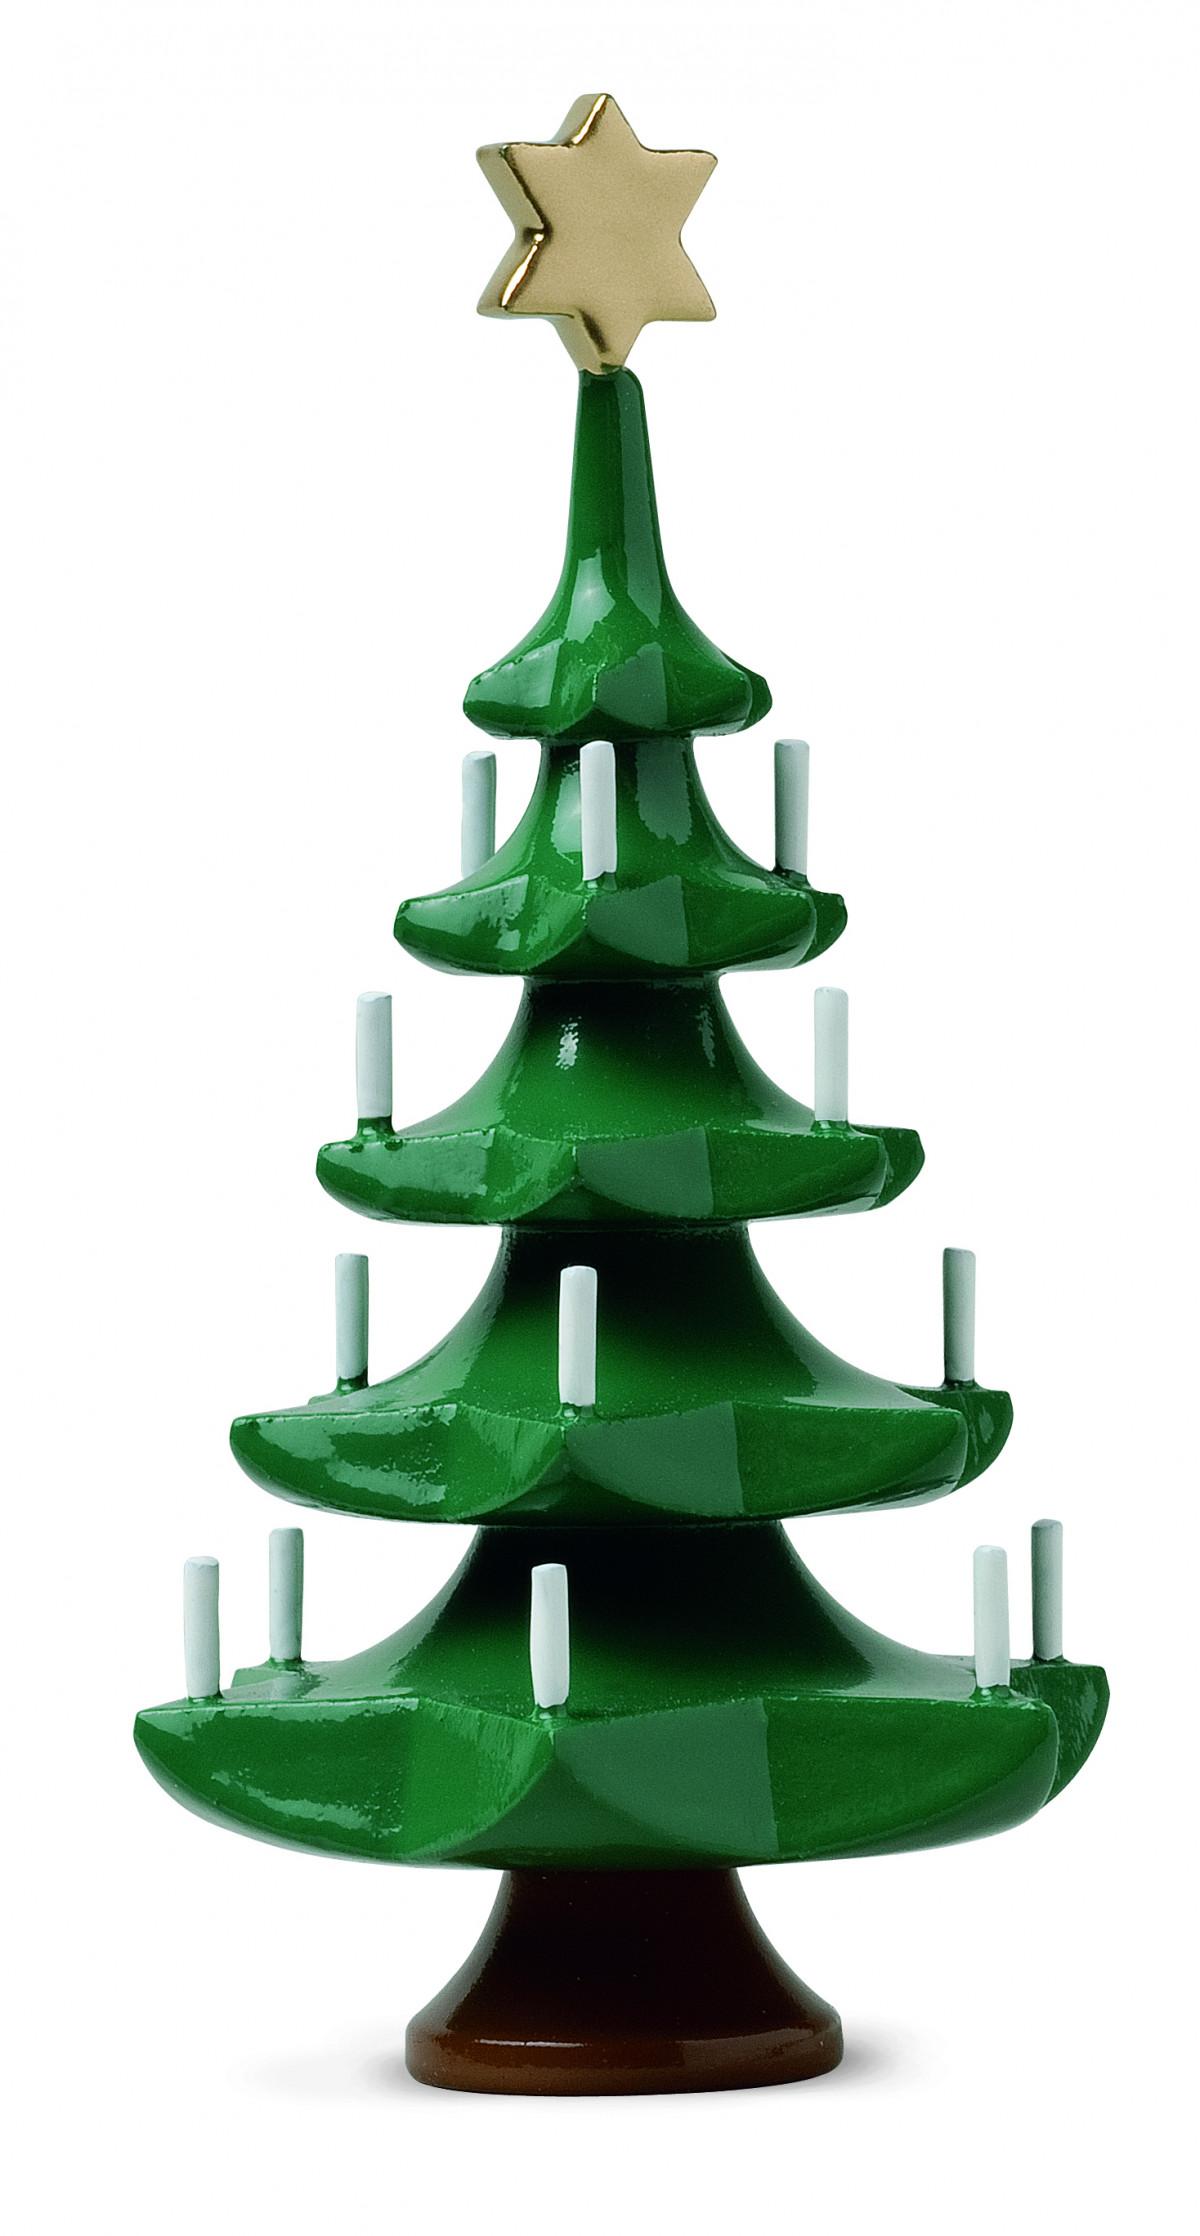 Weihnachtsbaum mit stern klein erzgebirgskunst drechsel - Schneiender weihnachtsbaum klein ...